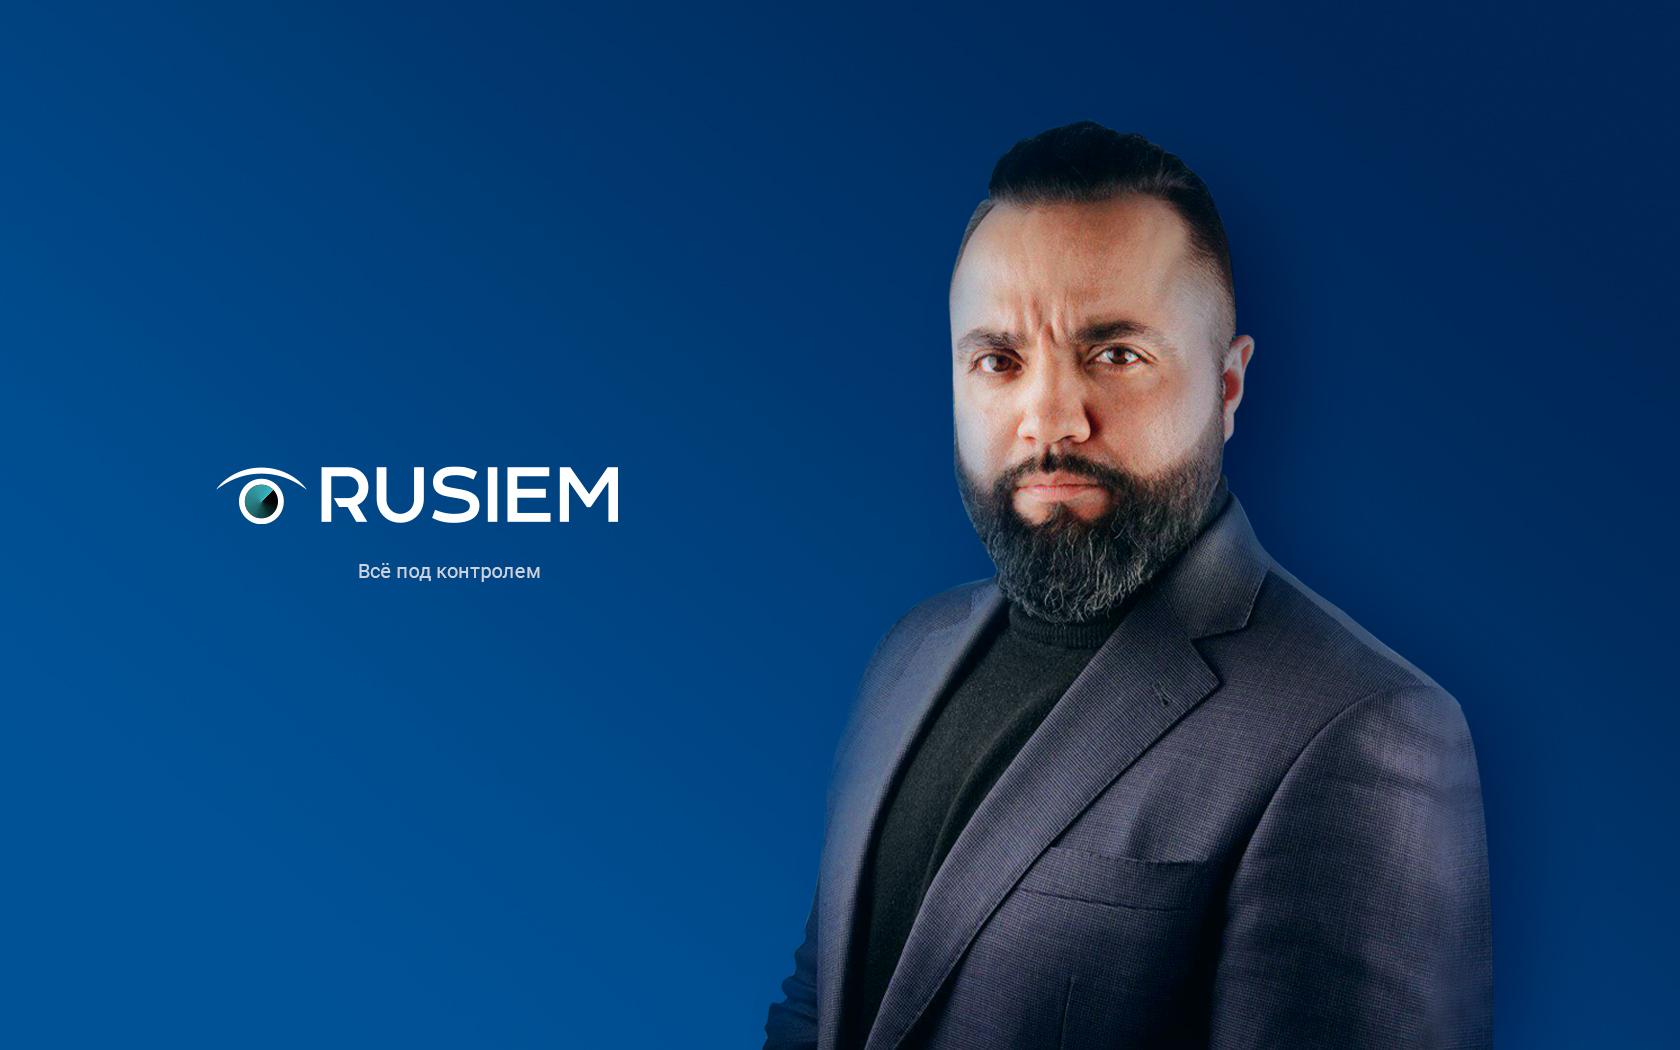 RuSIEM набирает высоту: Яков Ставринов возглавит коммерческий блок компании